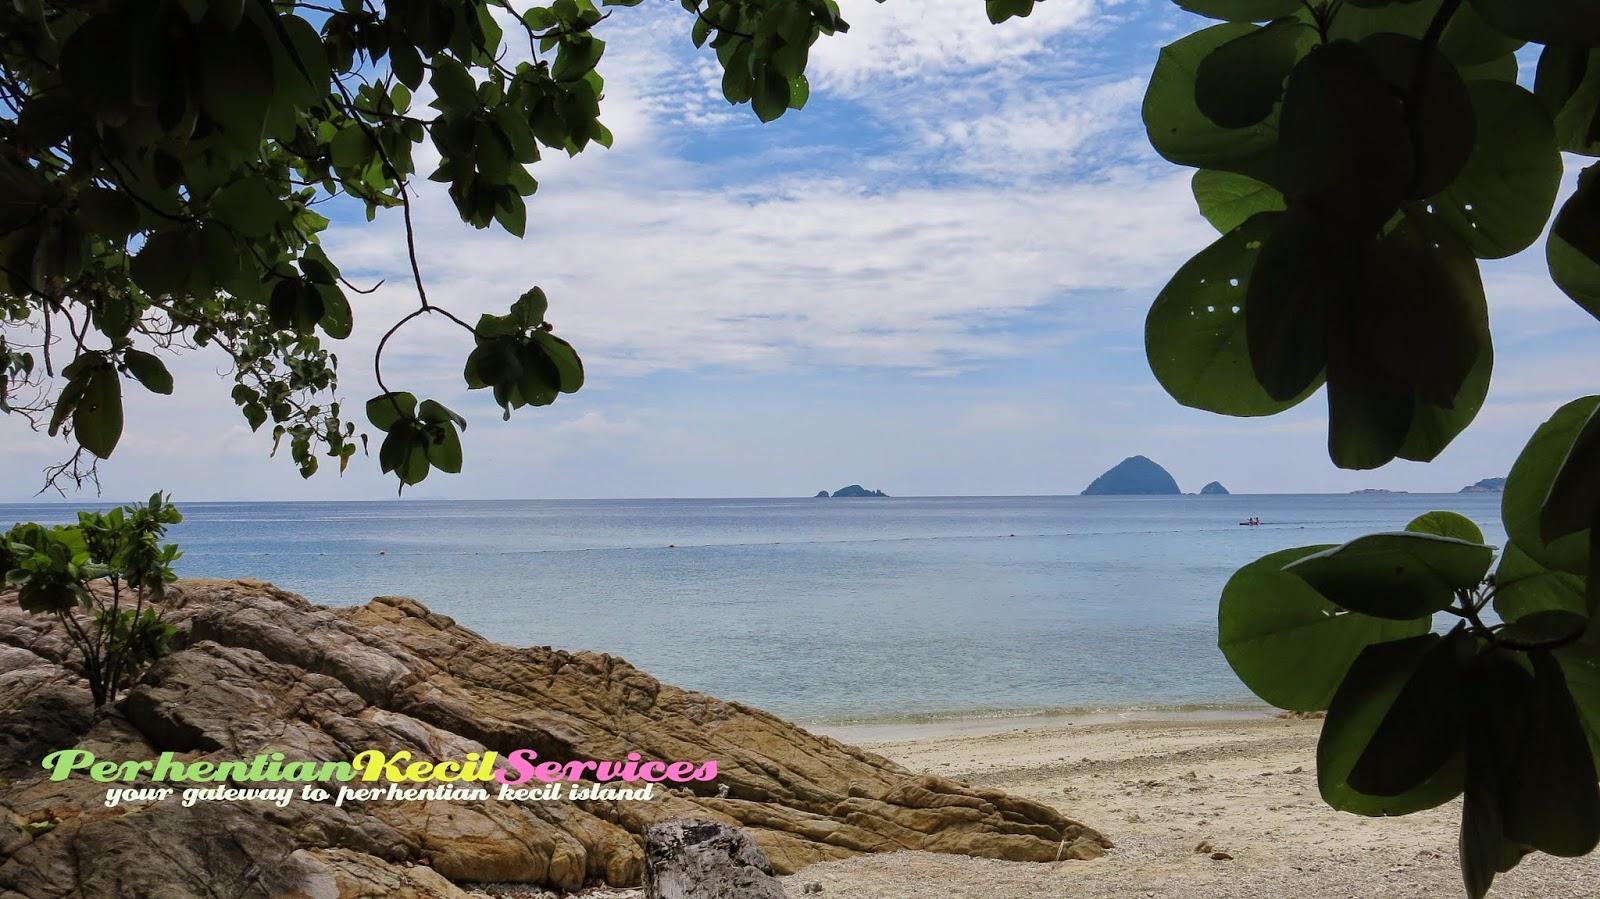 Pulau perhentian kecil pakej murah 2015